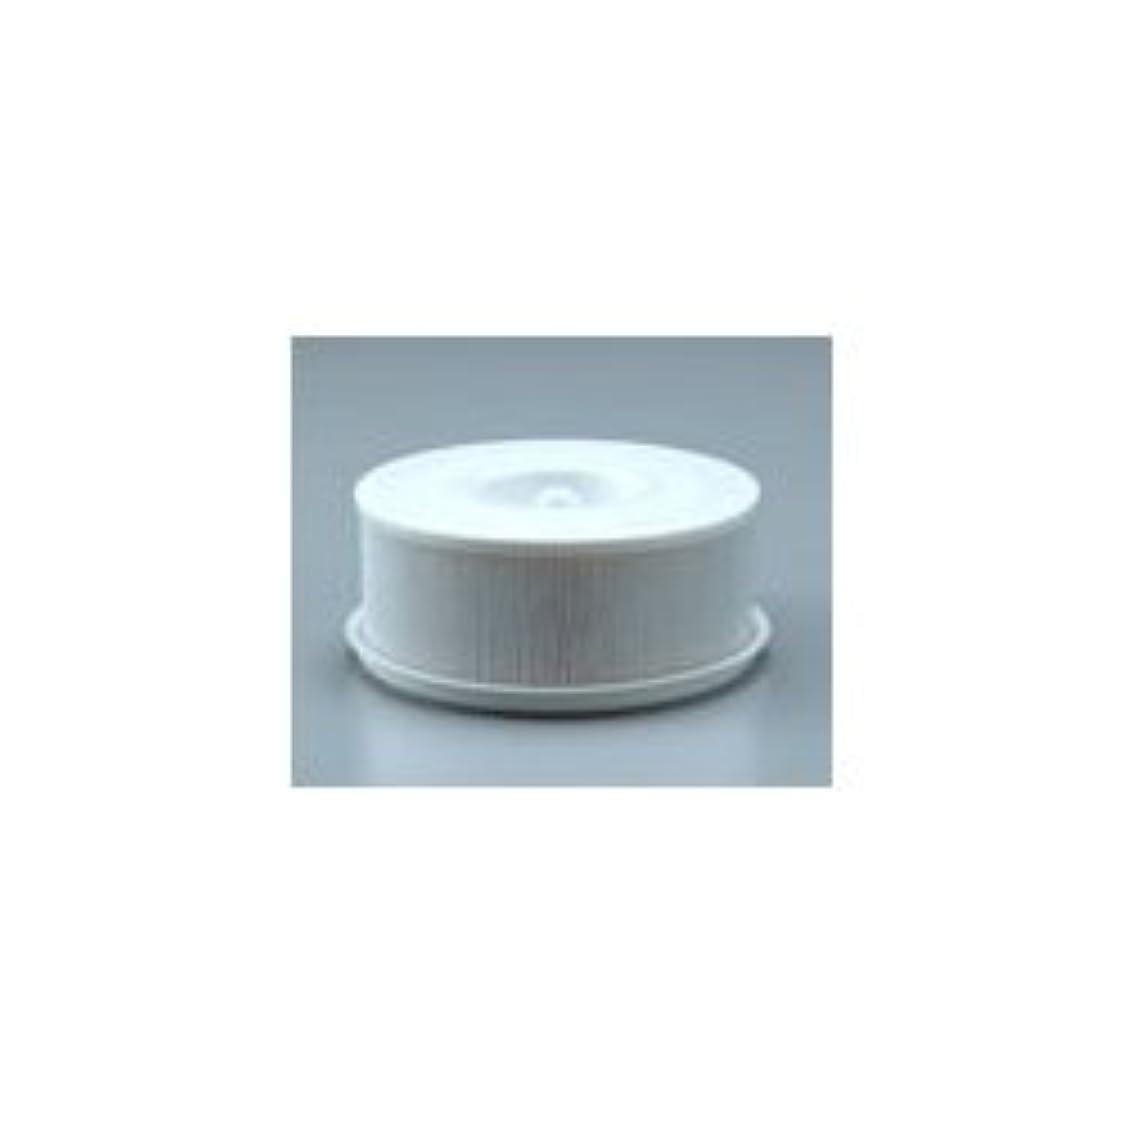 ジャノメ 24時間風呂 活性フィルター 1個 915-593-123(020)